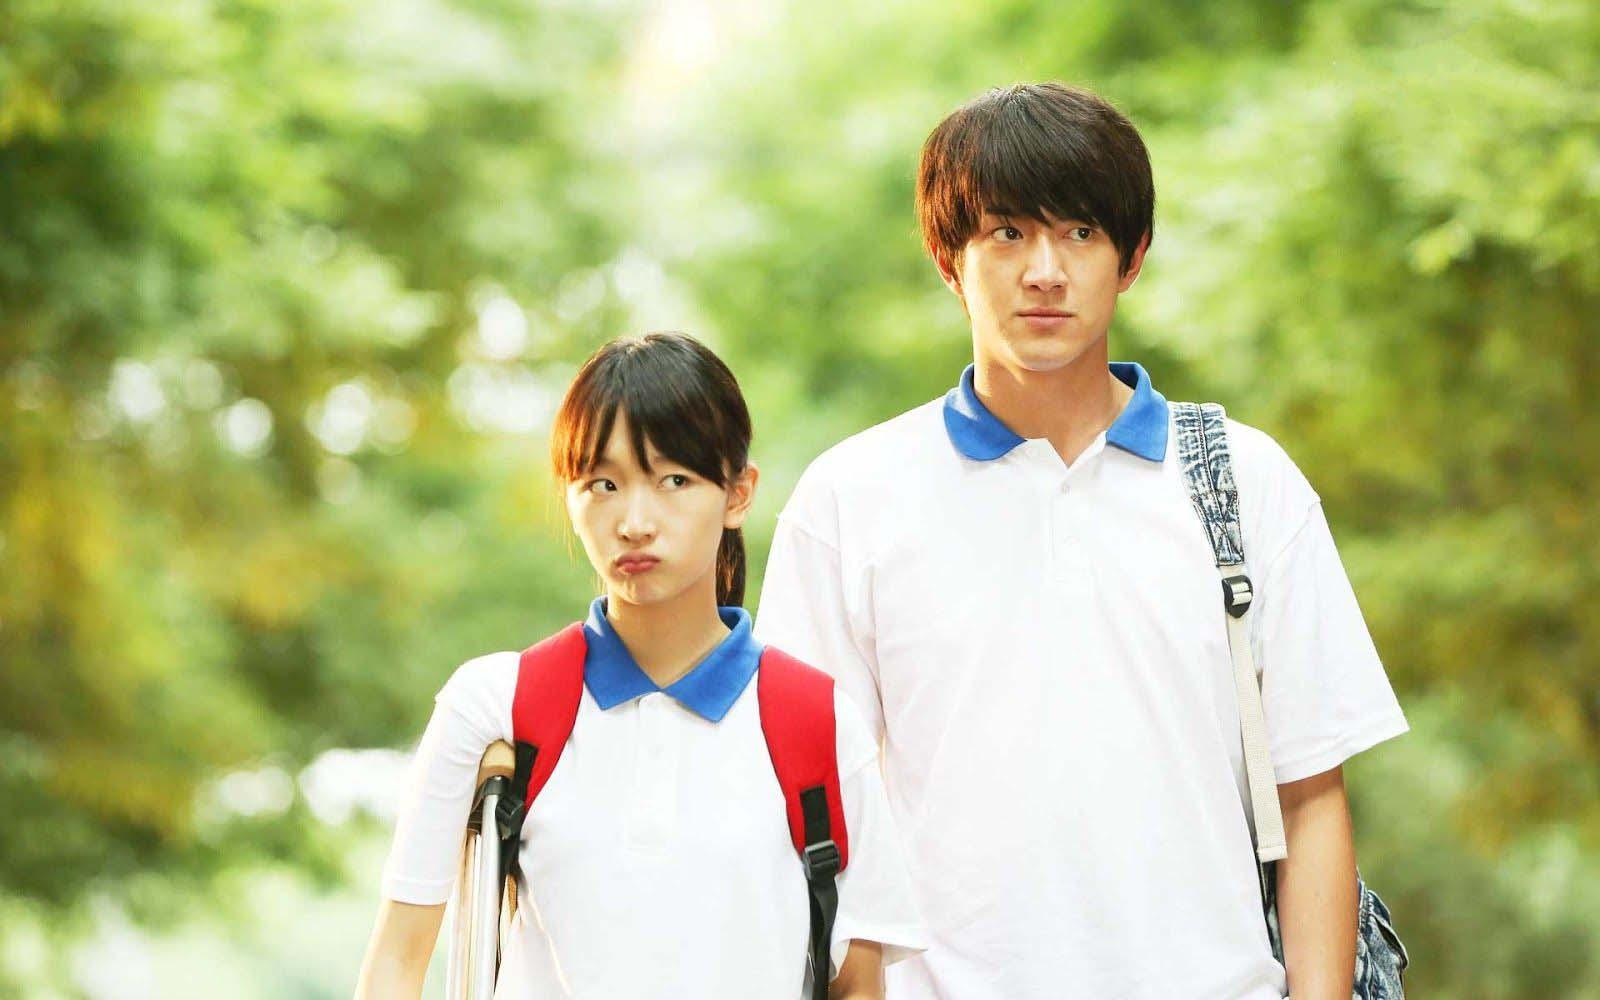 phim Trung Quoc thanh xuân Bạn cùng lớp